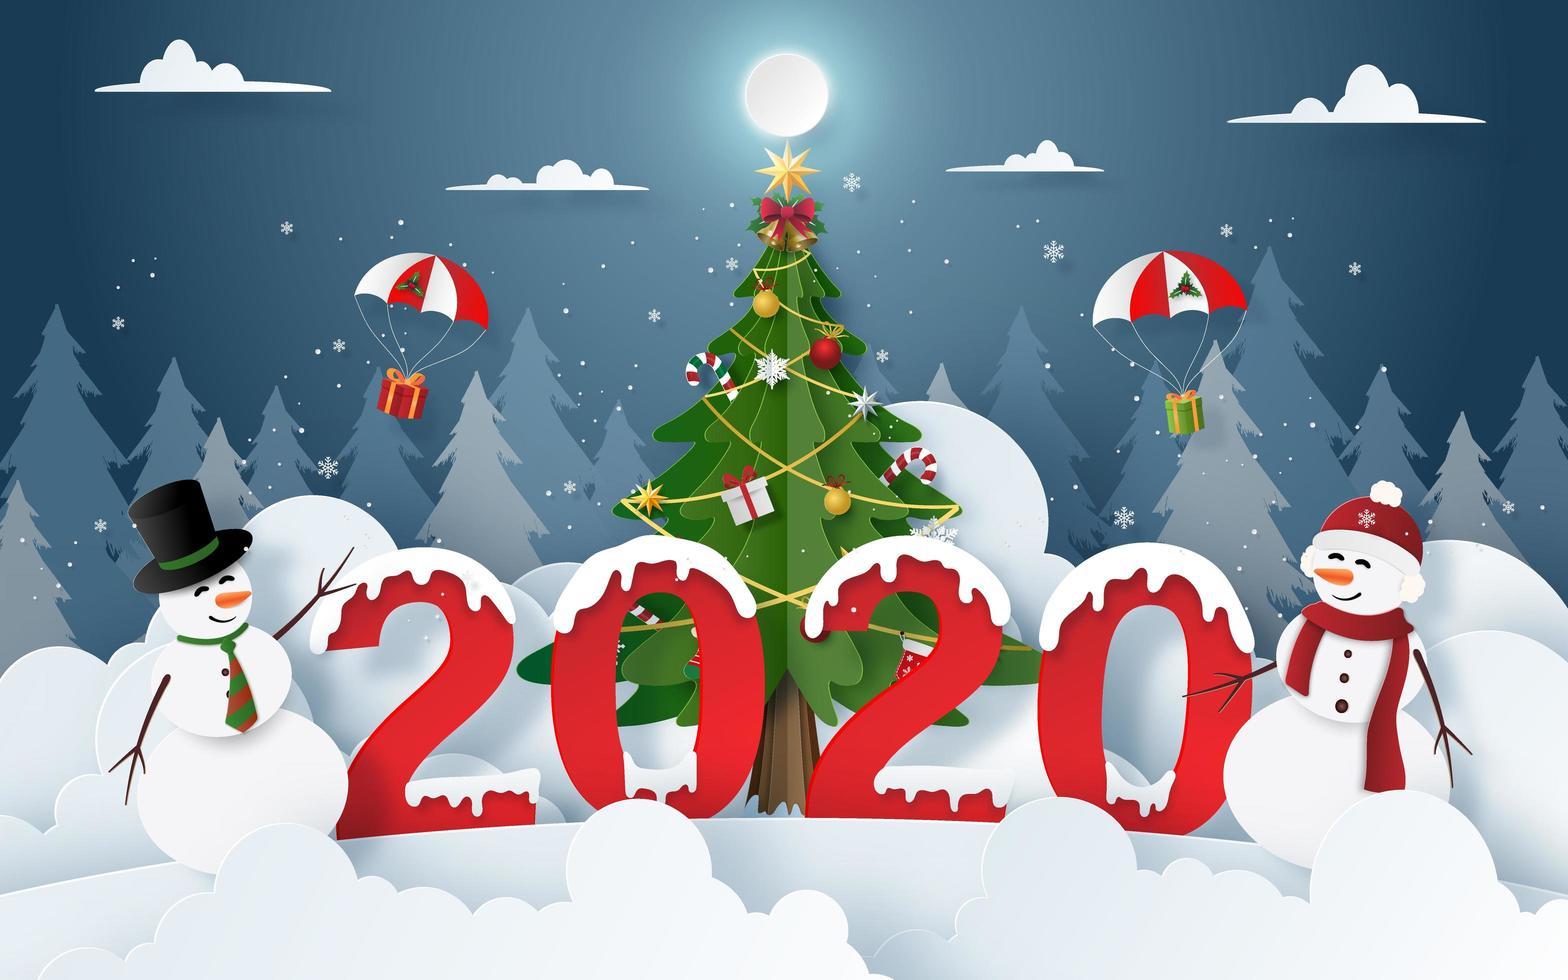 arte di carta del pupazzo di neve con la festa di Natale e Capodanno 2020 alla vigilia di Natale vettore